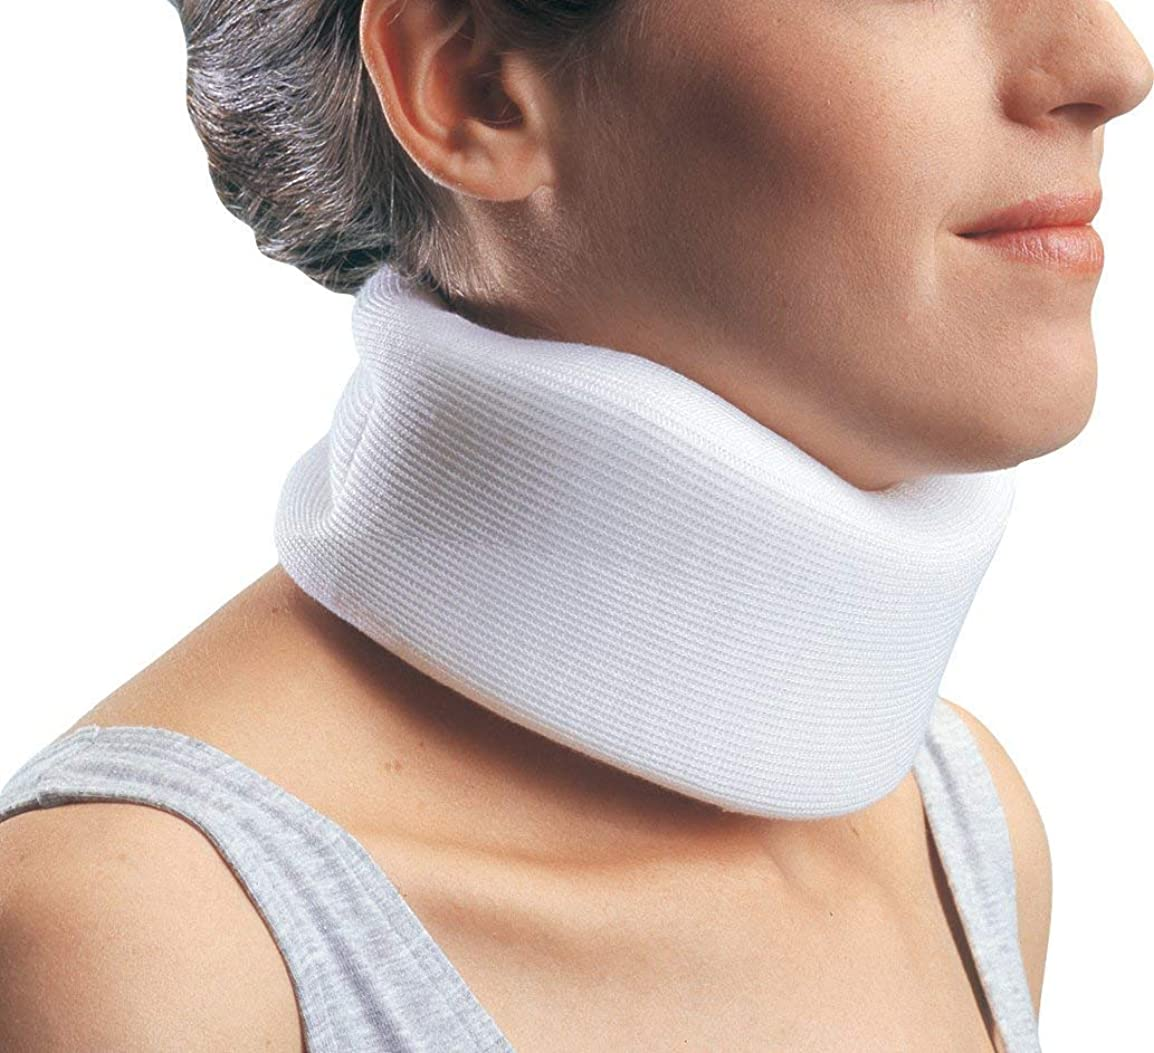 難しい意図動的Fairmall ソフト 頸椎カラー 首サポーター コルセット 首こり 解消 むち打ち 首をしっかり固定 頸椎保護 寝違い クッション性が高い 手洗い可能 男女兼用 -フリーサイズ